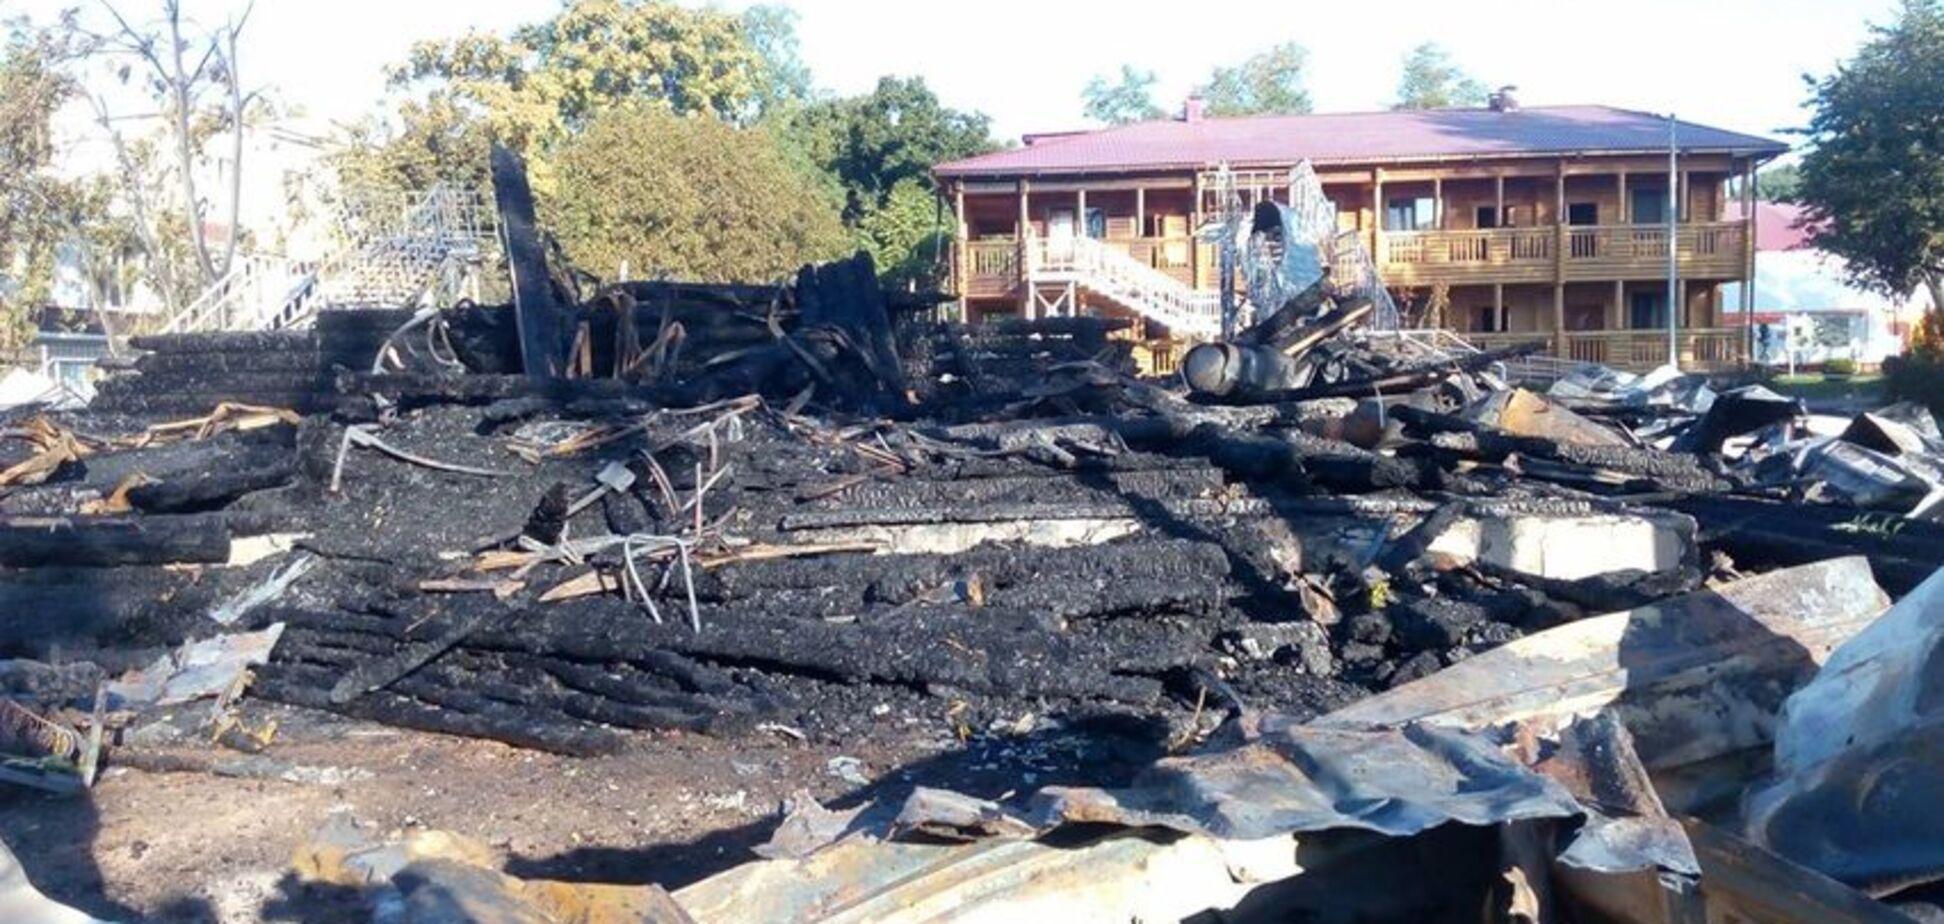 Трагедия в лагере 'Виктория': стало известно о судьбе причастных сотрудников